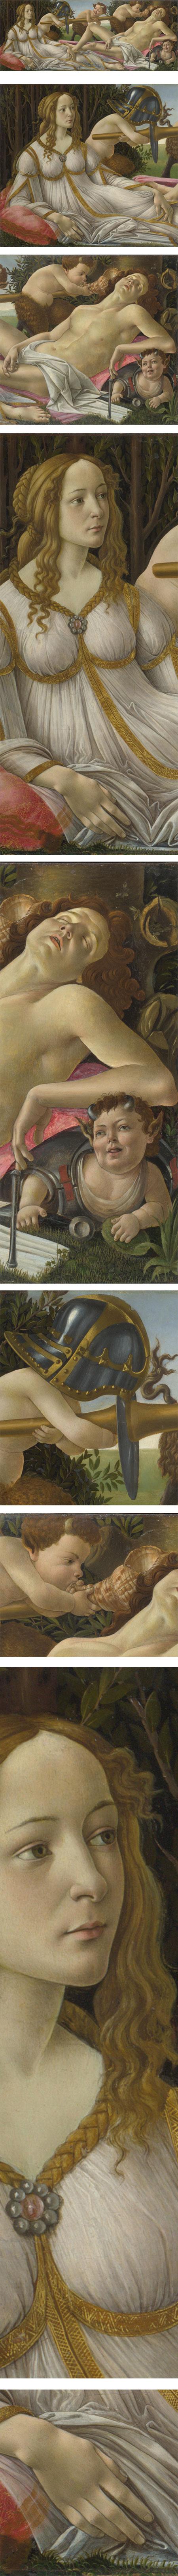 Venus and Mars, Sandro Botticelli